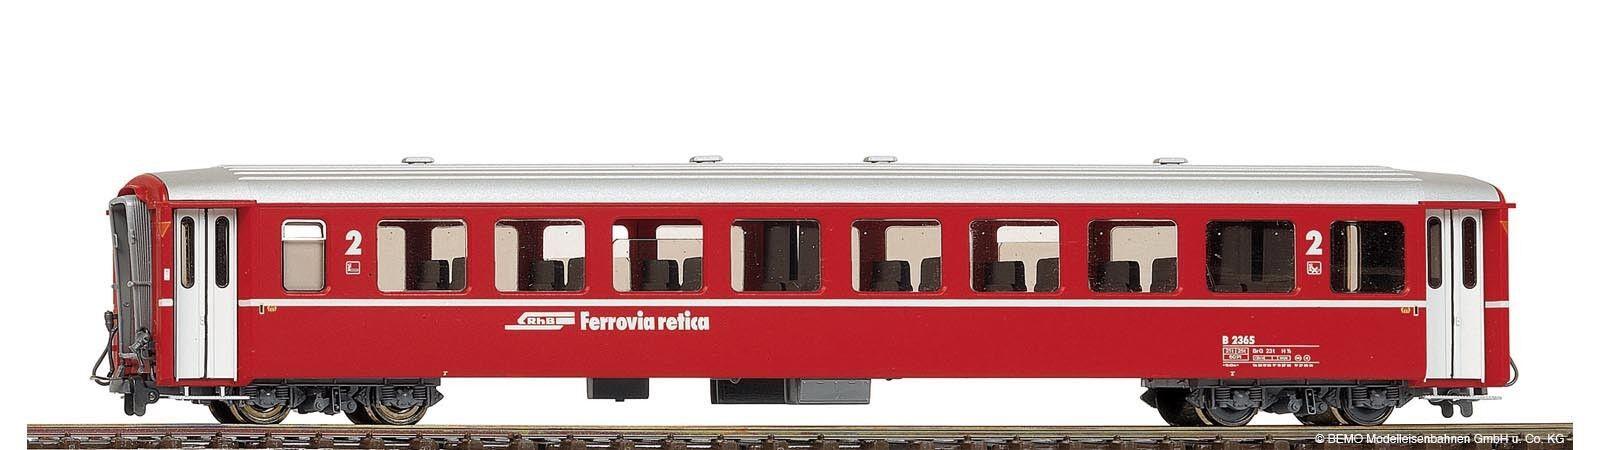 BEMO-h0m - 3250130 carreggiata stretta-Vagoni ew1 2.kl.b2370 RHB ROSSO